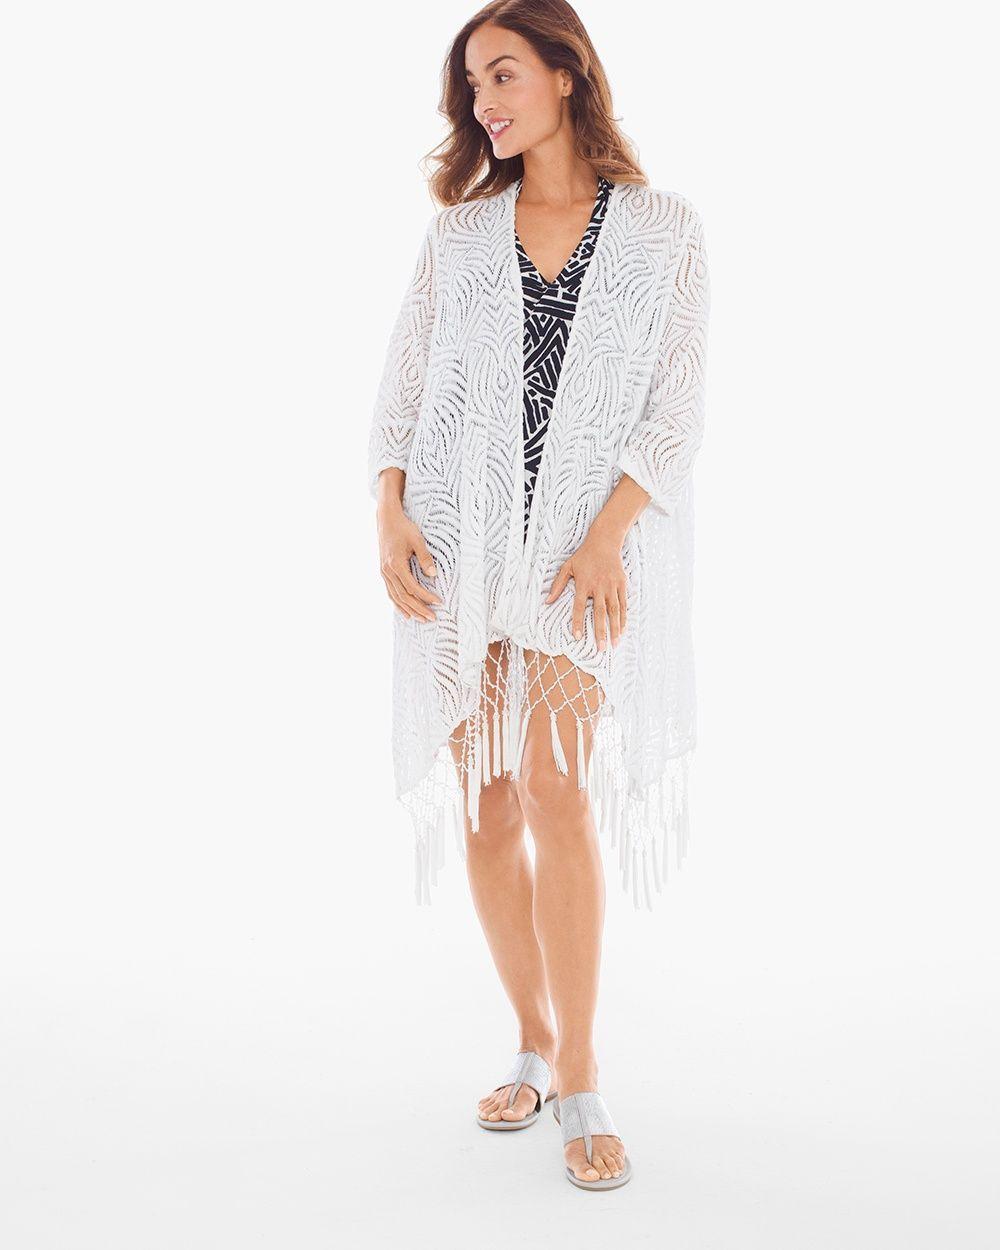 ff4ce22acb Chico's Women's Amita Naithani Tassel Fringe Swim Cover-up Kimono, White,  Size: XL